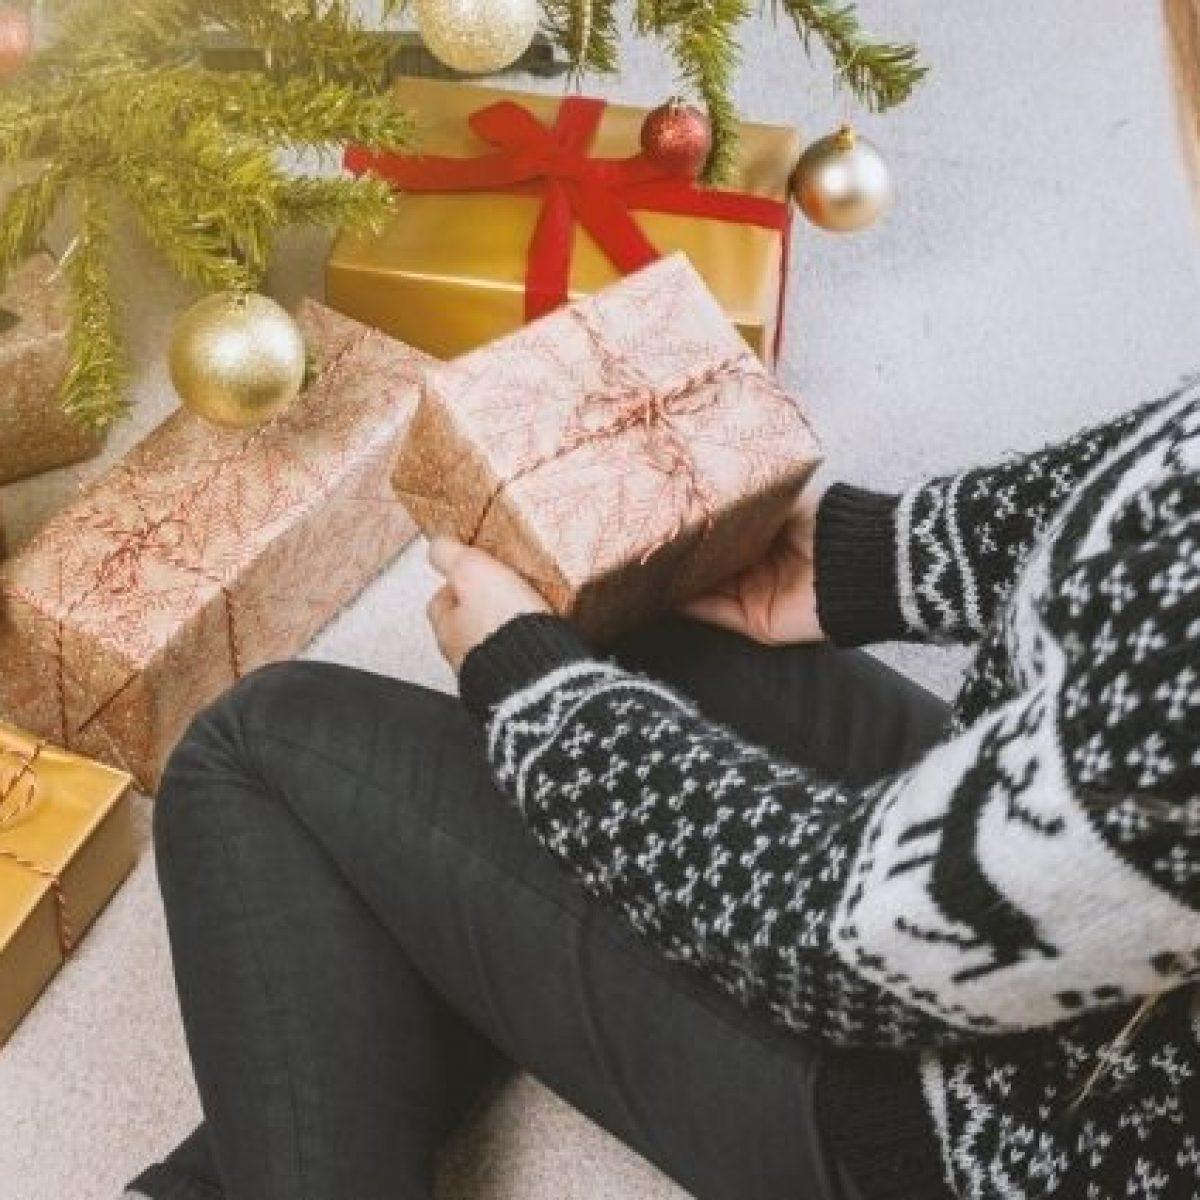 Regali Di Natale Per Nonni.Regali Di Natale Per La Casa Le Idee Di Design Piu Originali